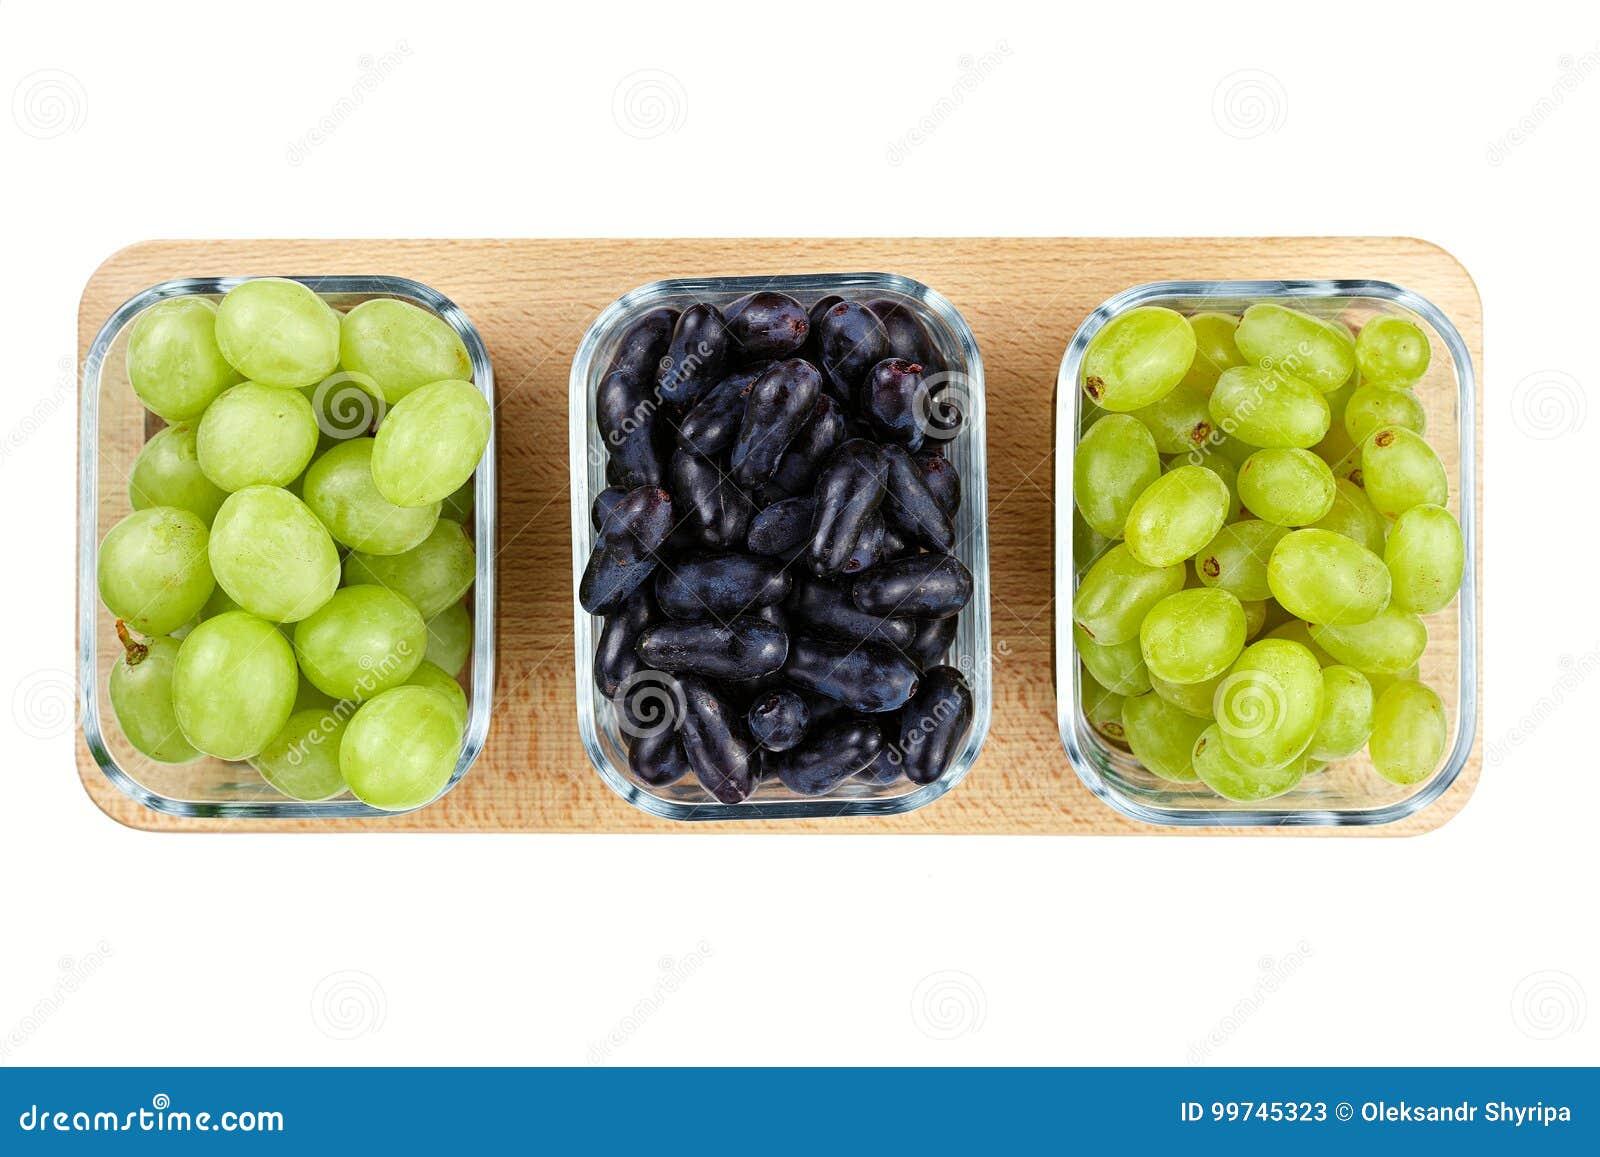 Different grape varieties